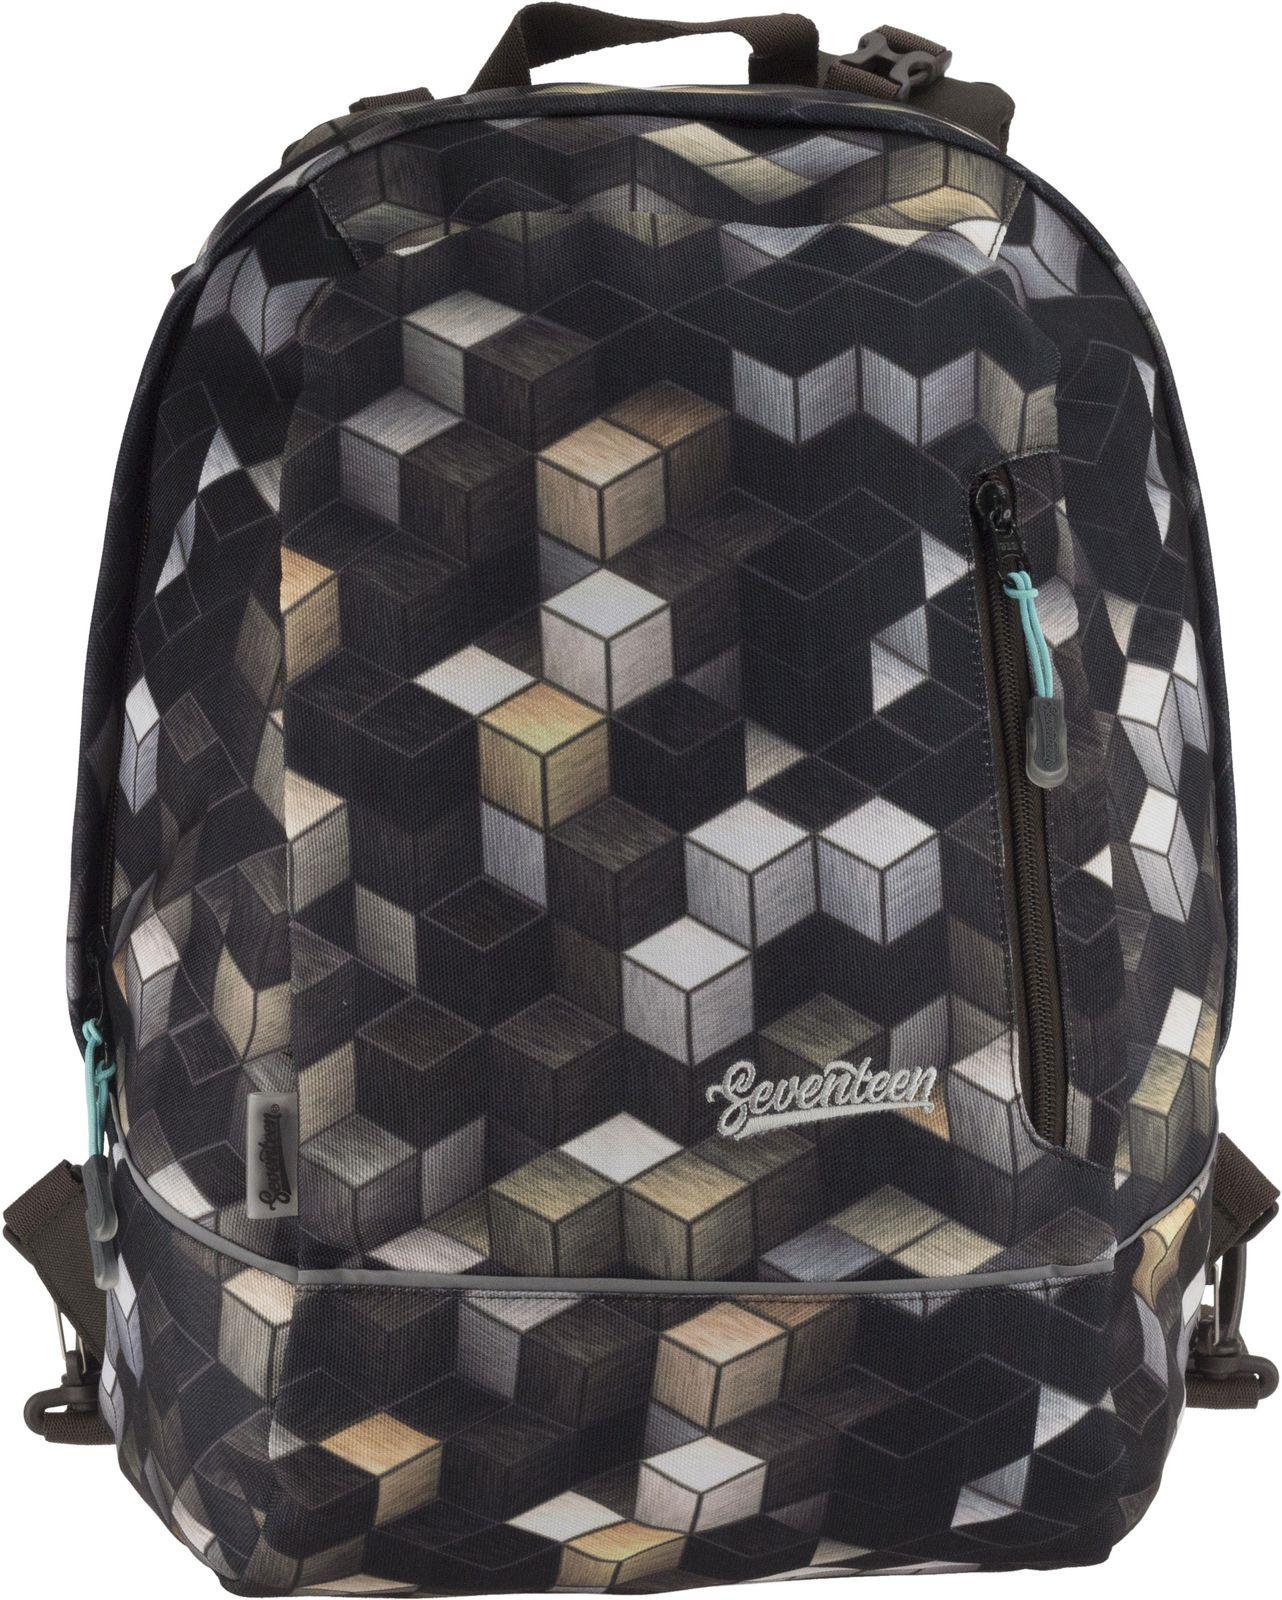 Рюкзак детский Seventeen Кубики, SVGB-RTF-675TW, мультиколоркоричневый, 43 x 32 x 19 см